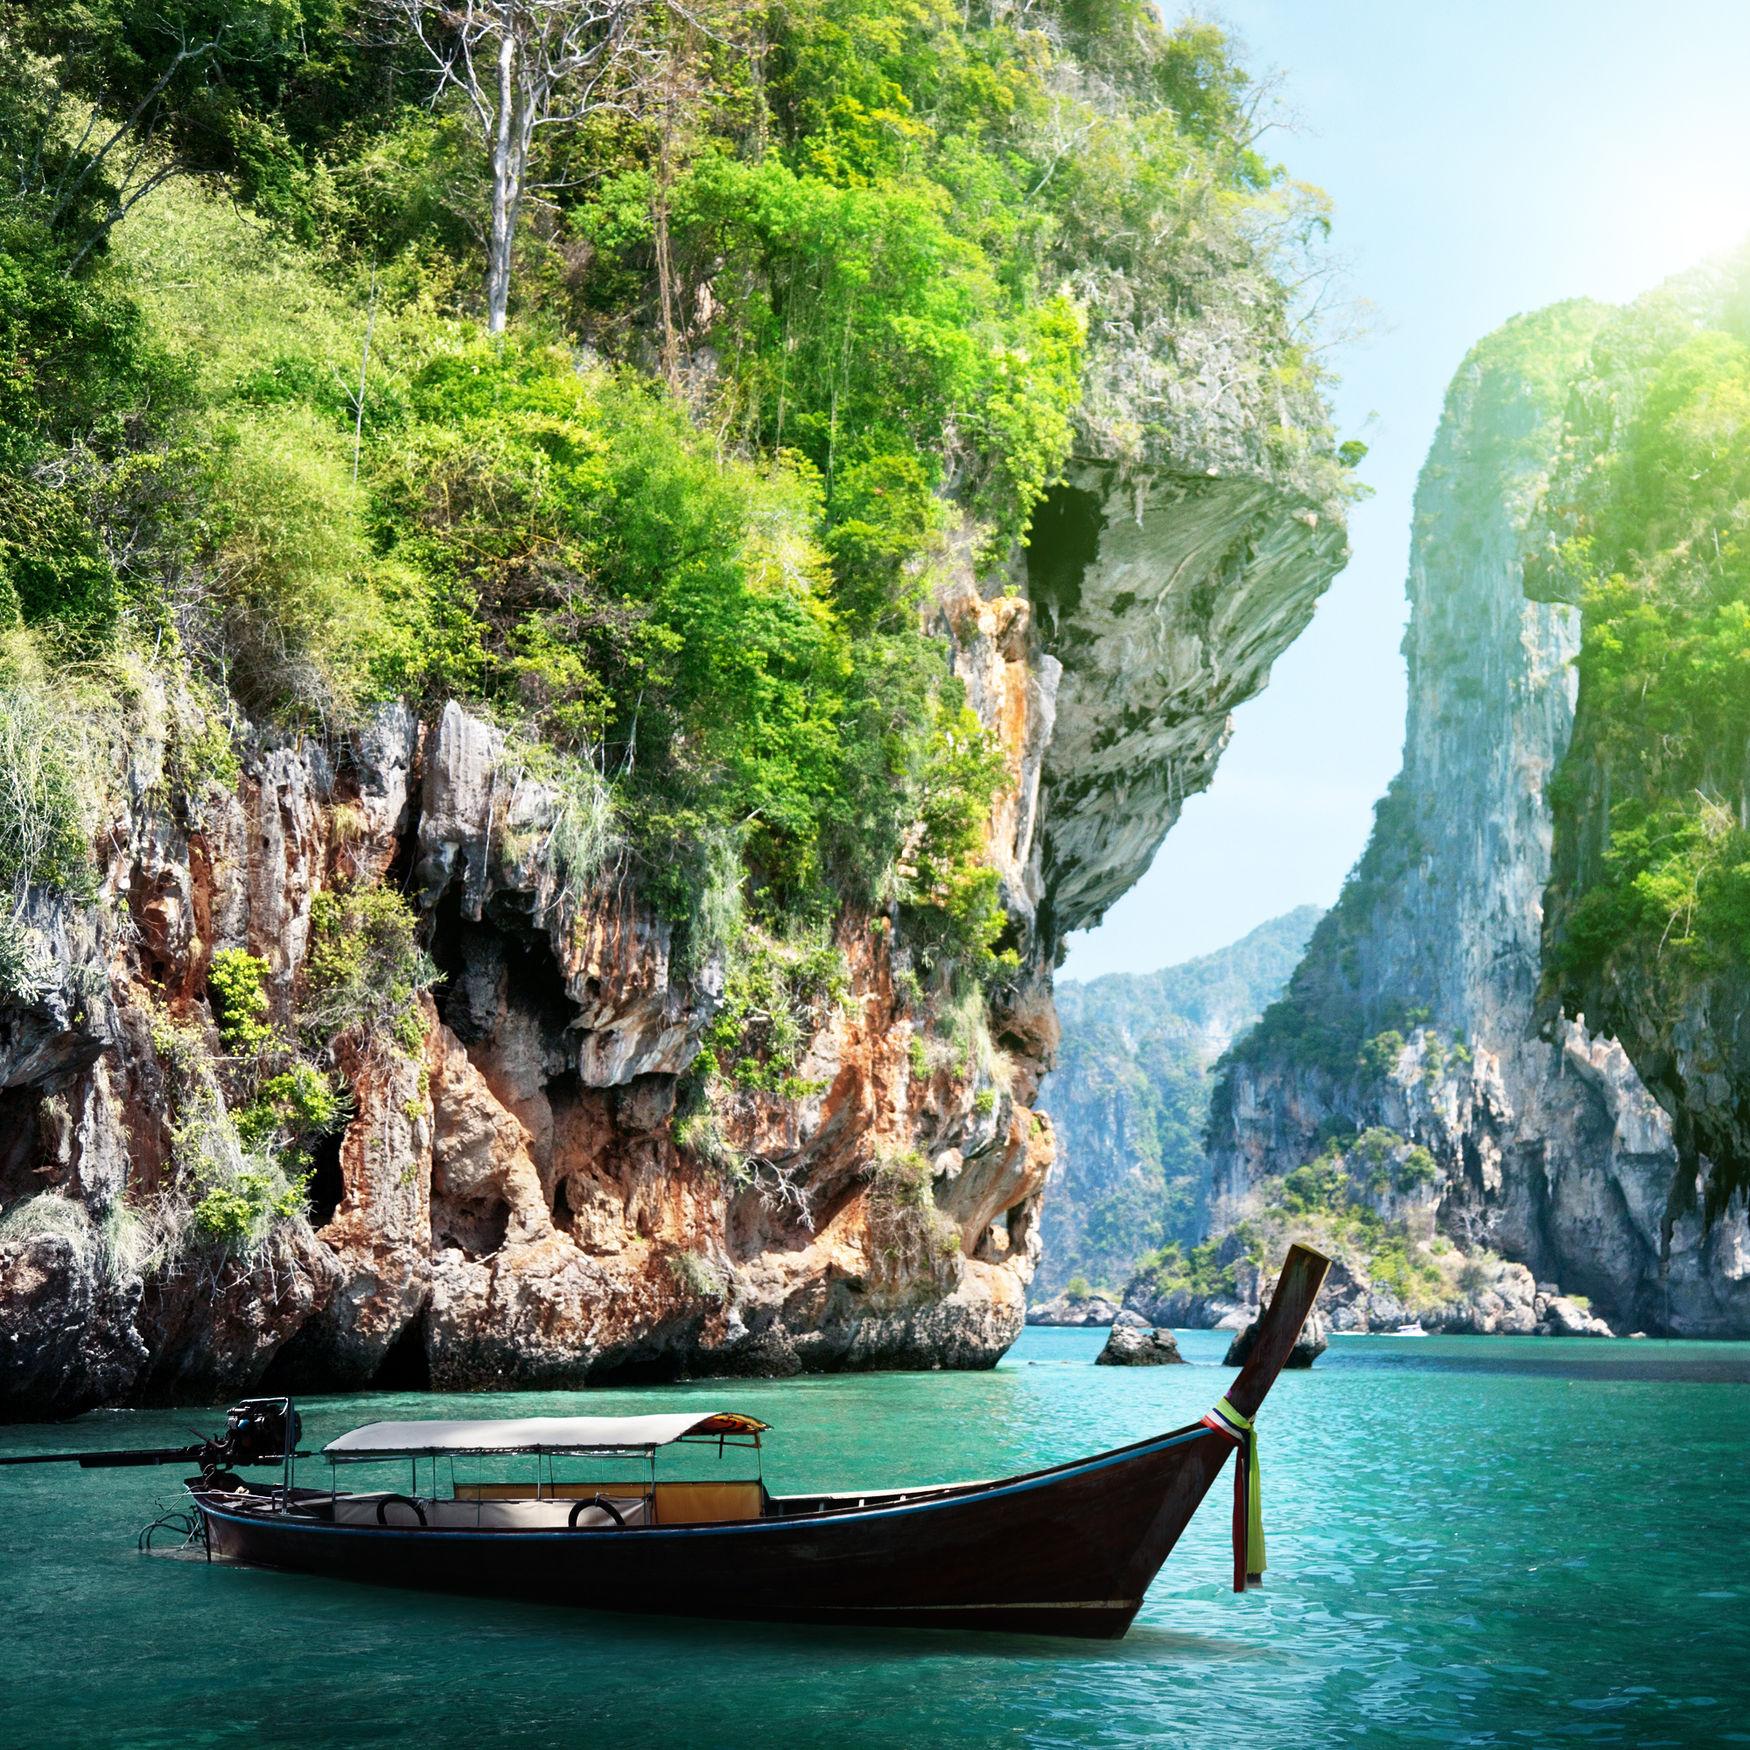 Flüge: Thailand [November - März] - Von Frankfurt nach Bangkok mit Kuwait Airlines ab nur 381€ inkl. 23kg Gepäck